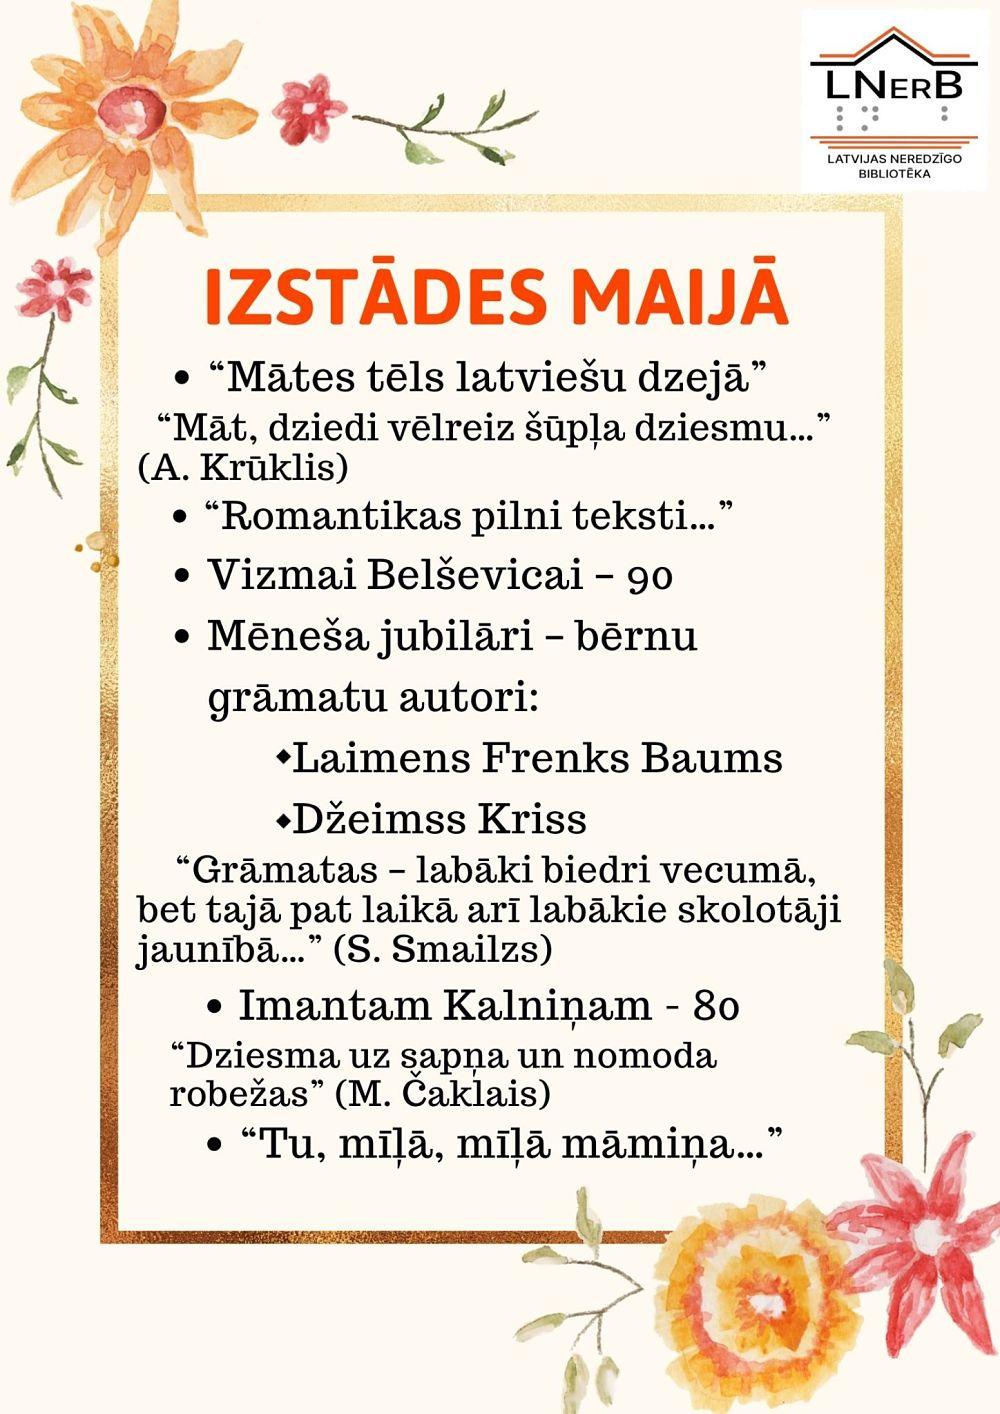 Plakāts izstādes maijā bibliotēkā Rīgā